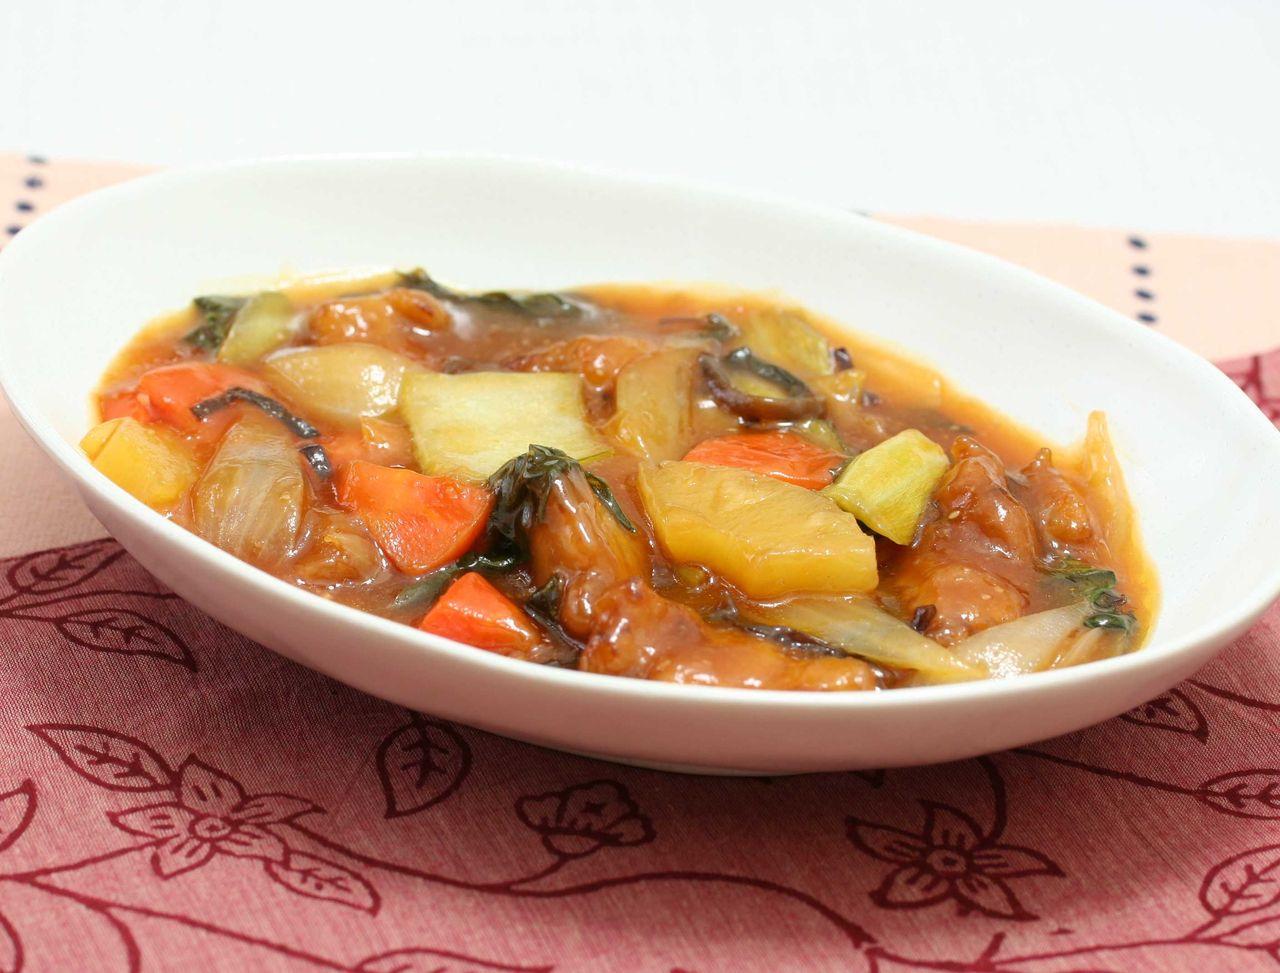 酢豚 【本日の献立】 ごはん、酢豚、ナムル和え、スープ 【レシピ】 ☆酢豚 1.豚肉は食べやすい